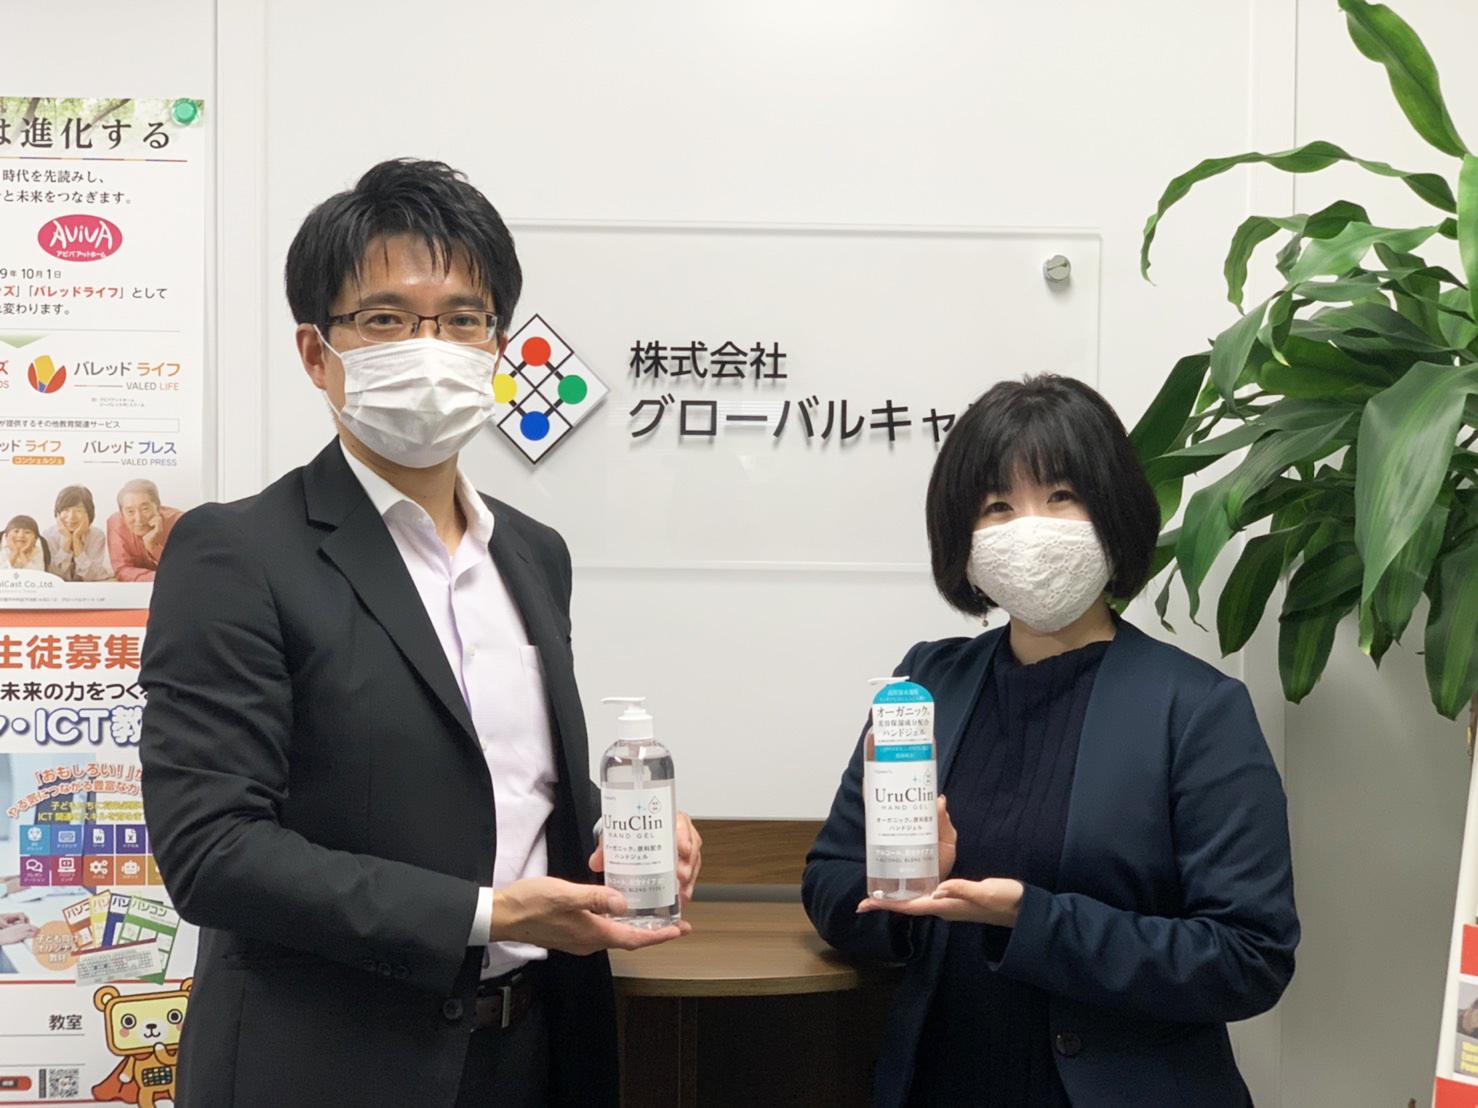 学校再開を受け、子どもたちの新型コロナウイルス感染症対策として、東京都港区の全校にオーガニック原料配合除菌用ハンドジェルを寄付。